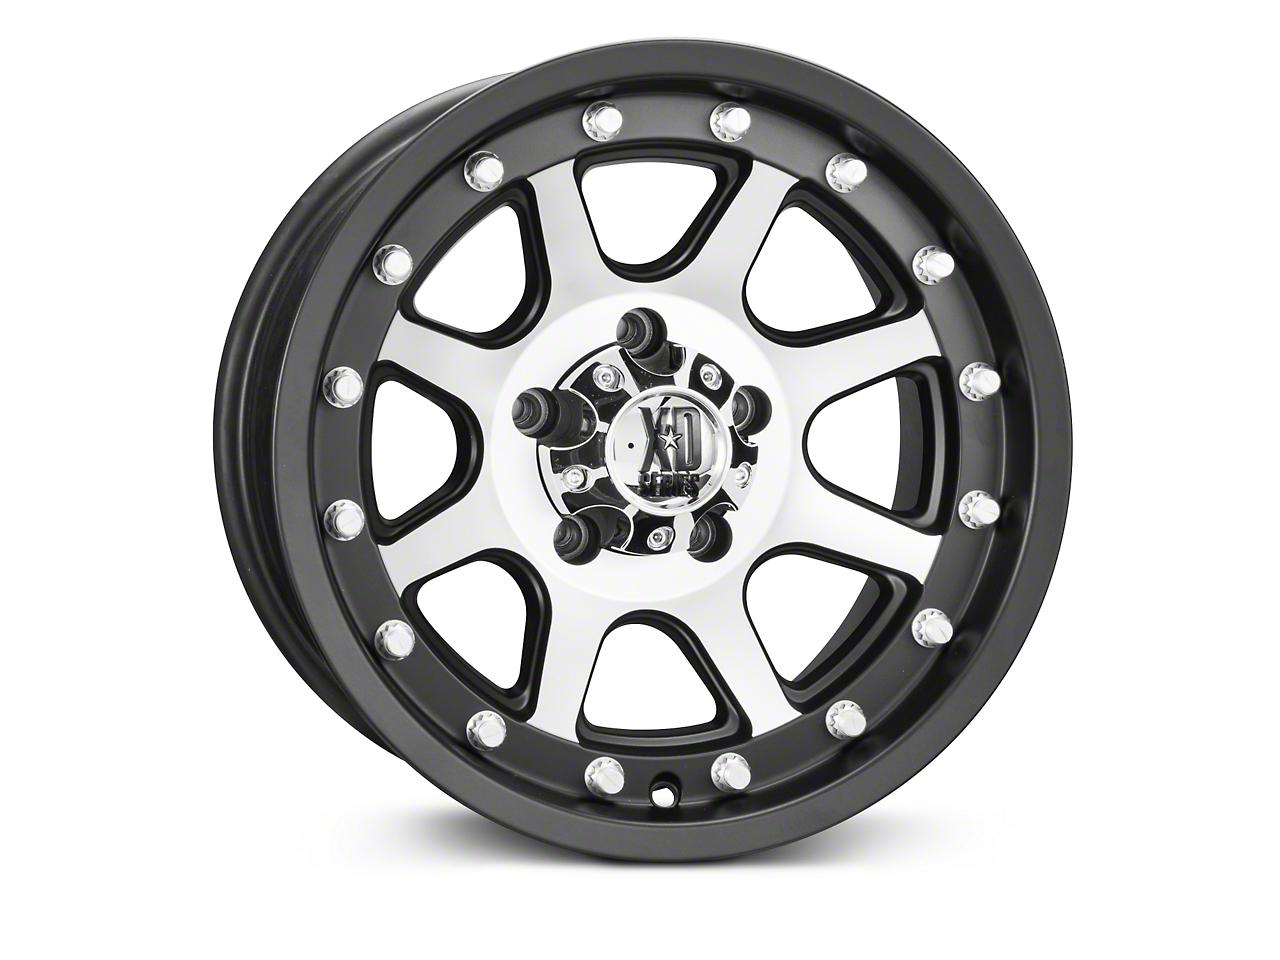 XD Addict Matte Black Machined Wheels (07-18 Wrangler JK; 2018 Wrangler JL)